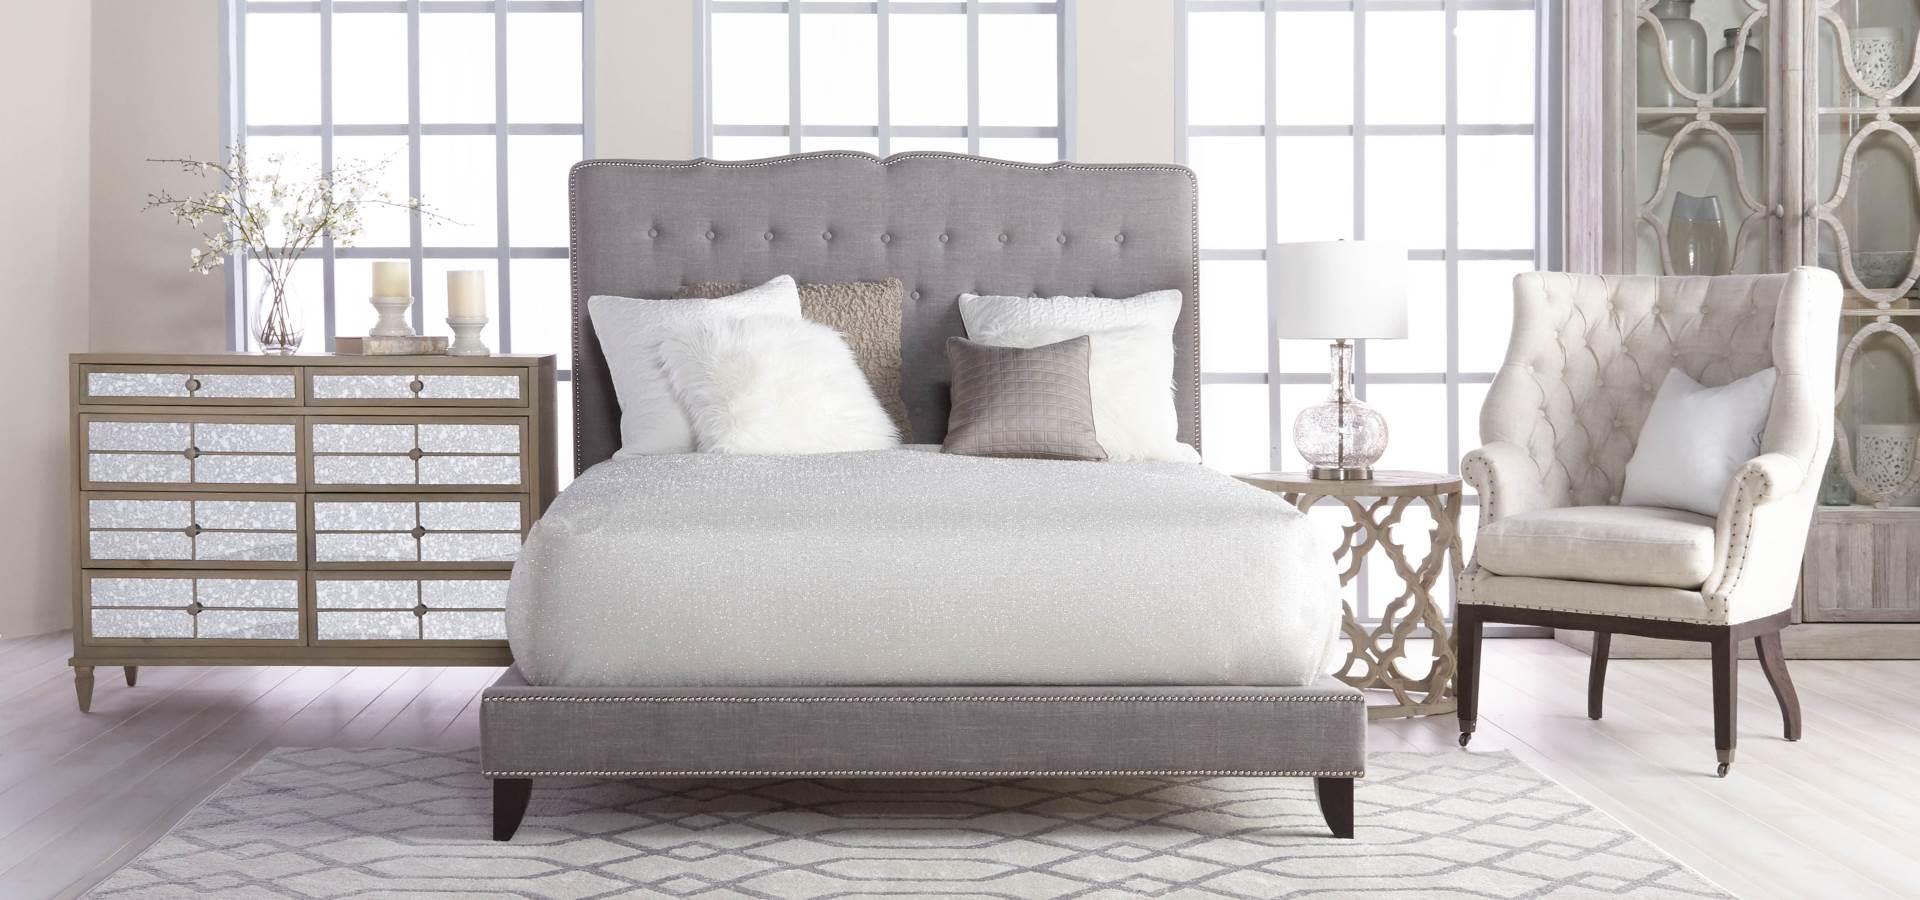 Fullsize Of Model Home Furnishings